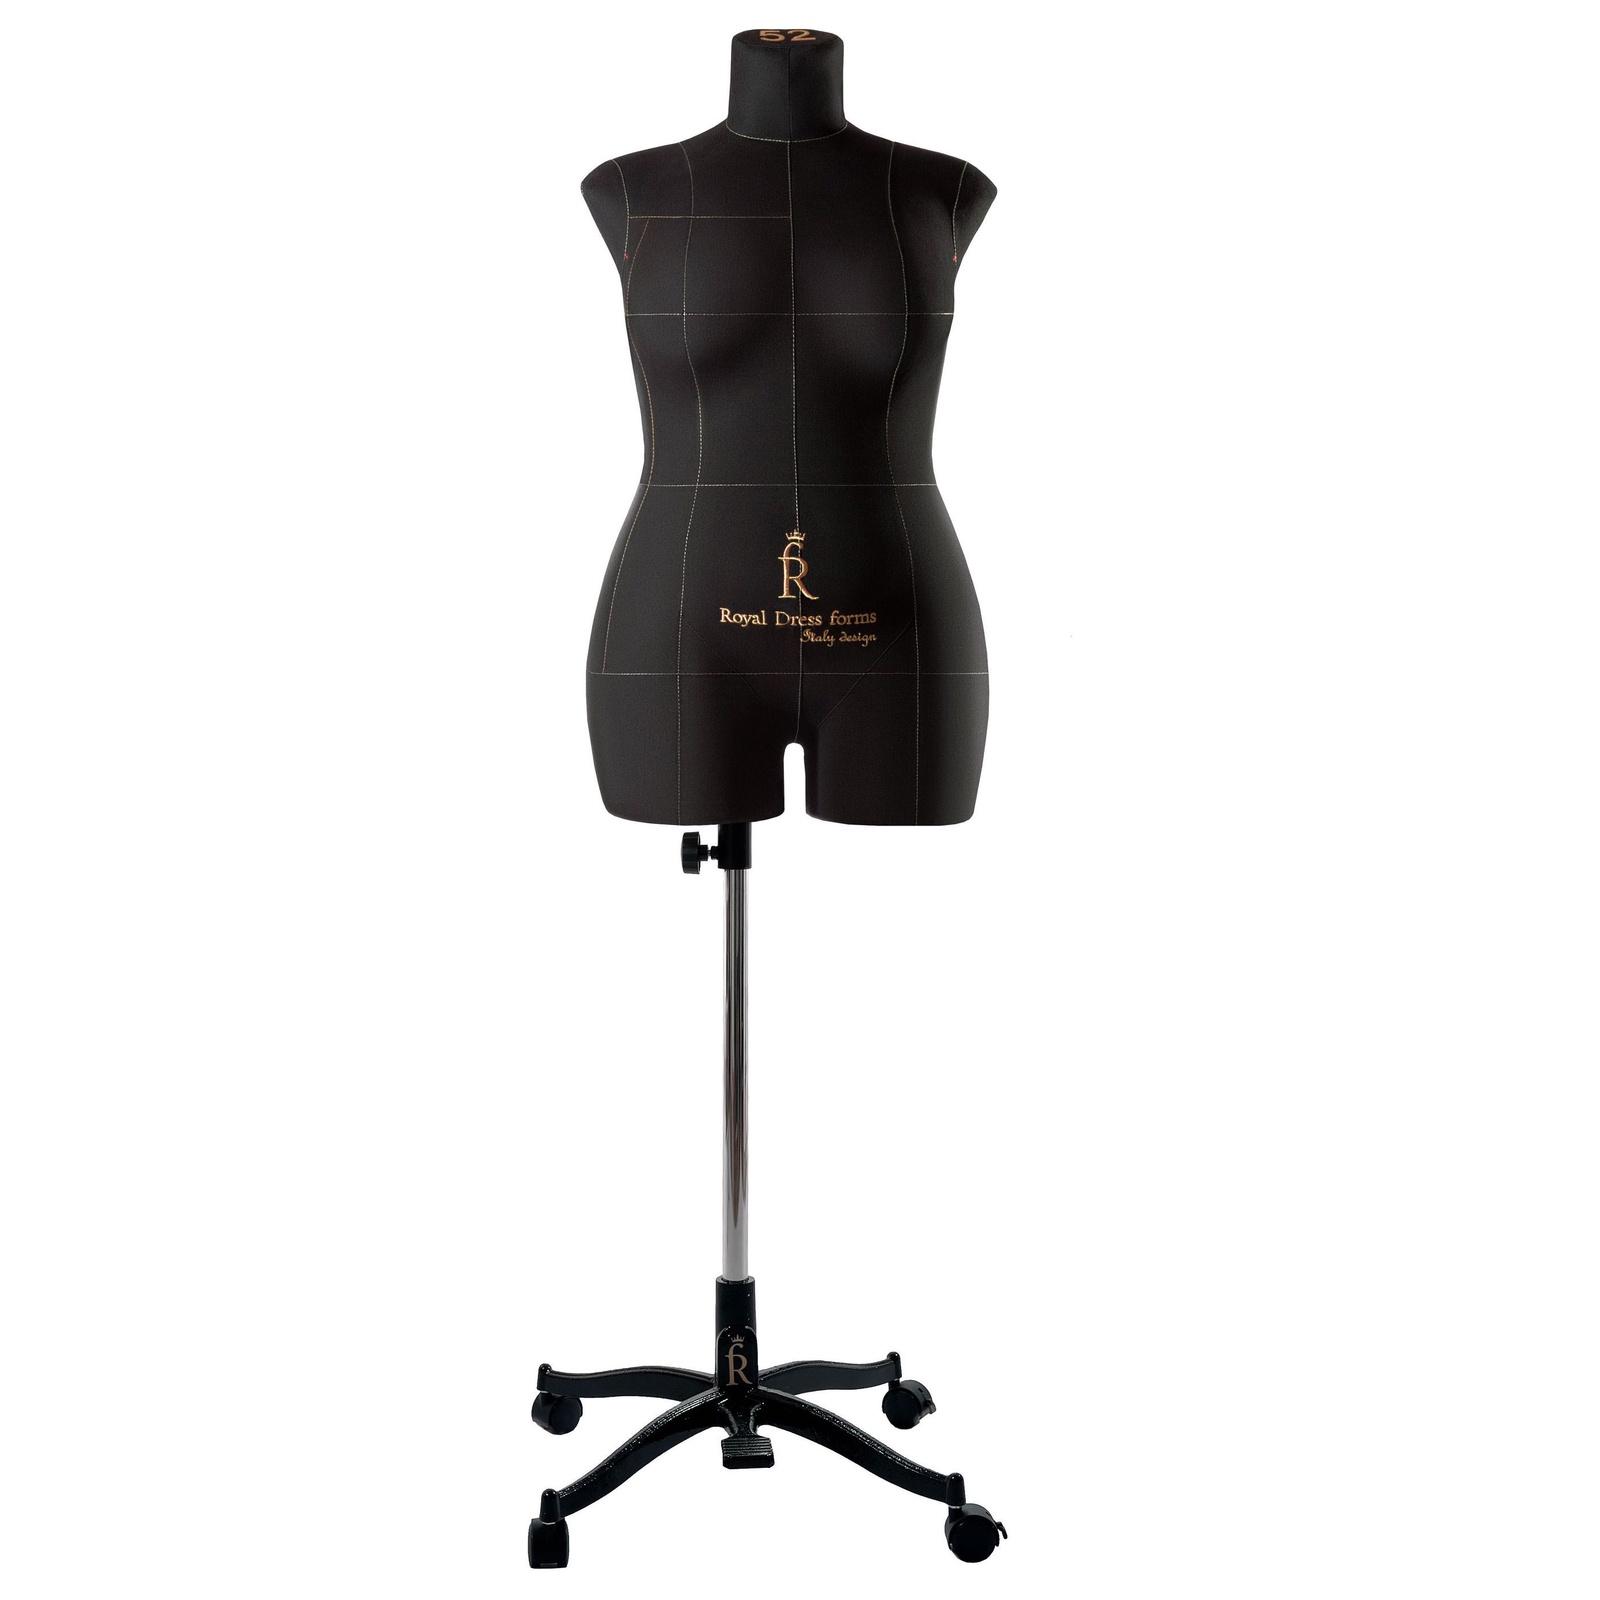 Манекен Royal Dress forms Monica 52 манекен monica размер 52 бежевый